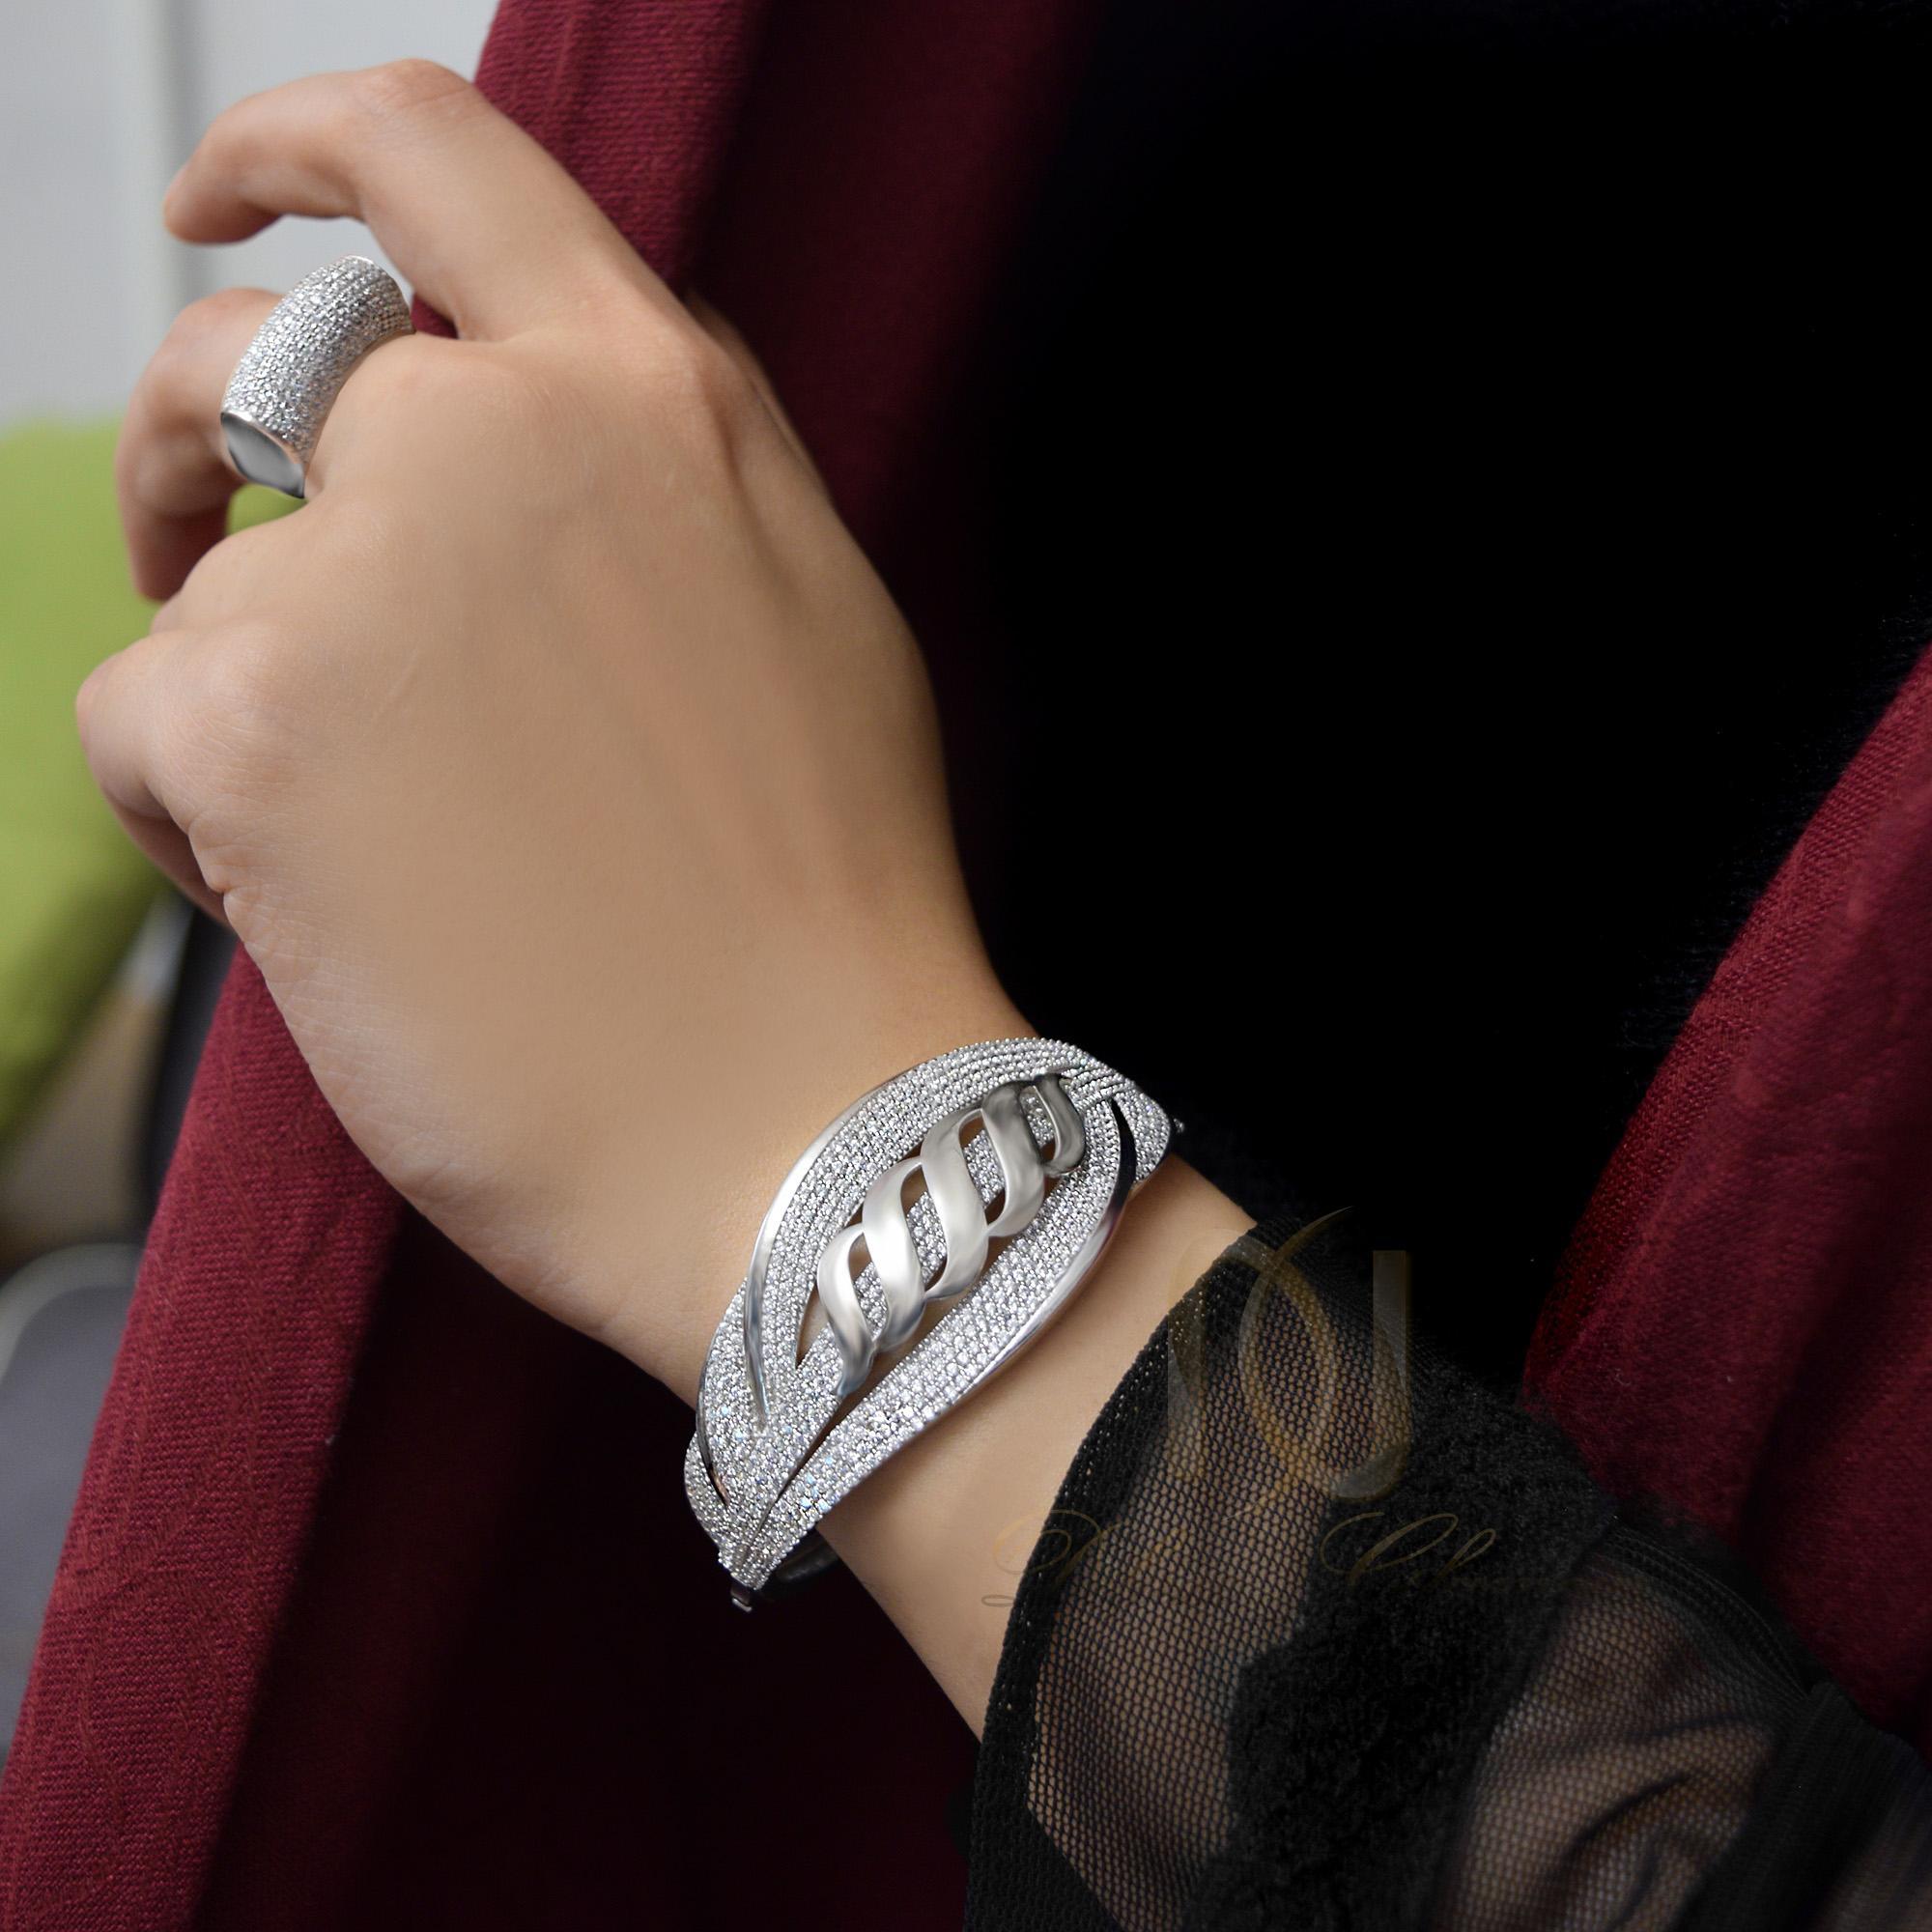 ست دستبند و انگشتر نقره زنانه ns-n240 از نمای روی دست